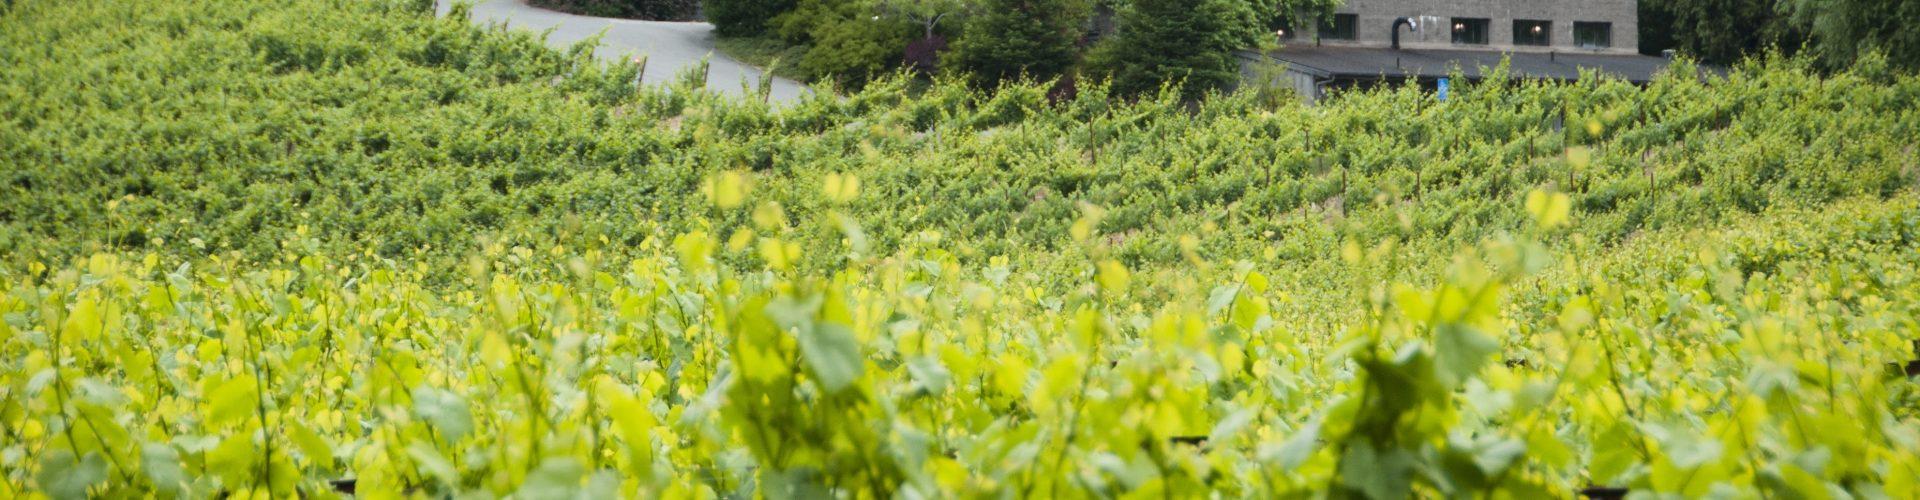 Lynmar Estate winery vines DSC 6806 1